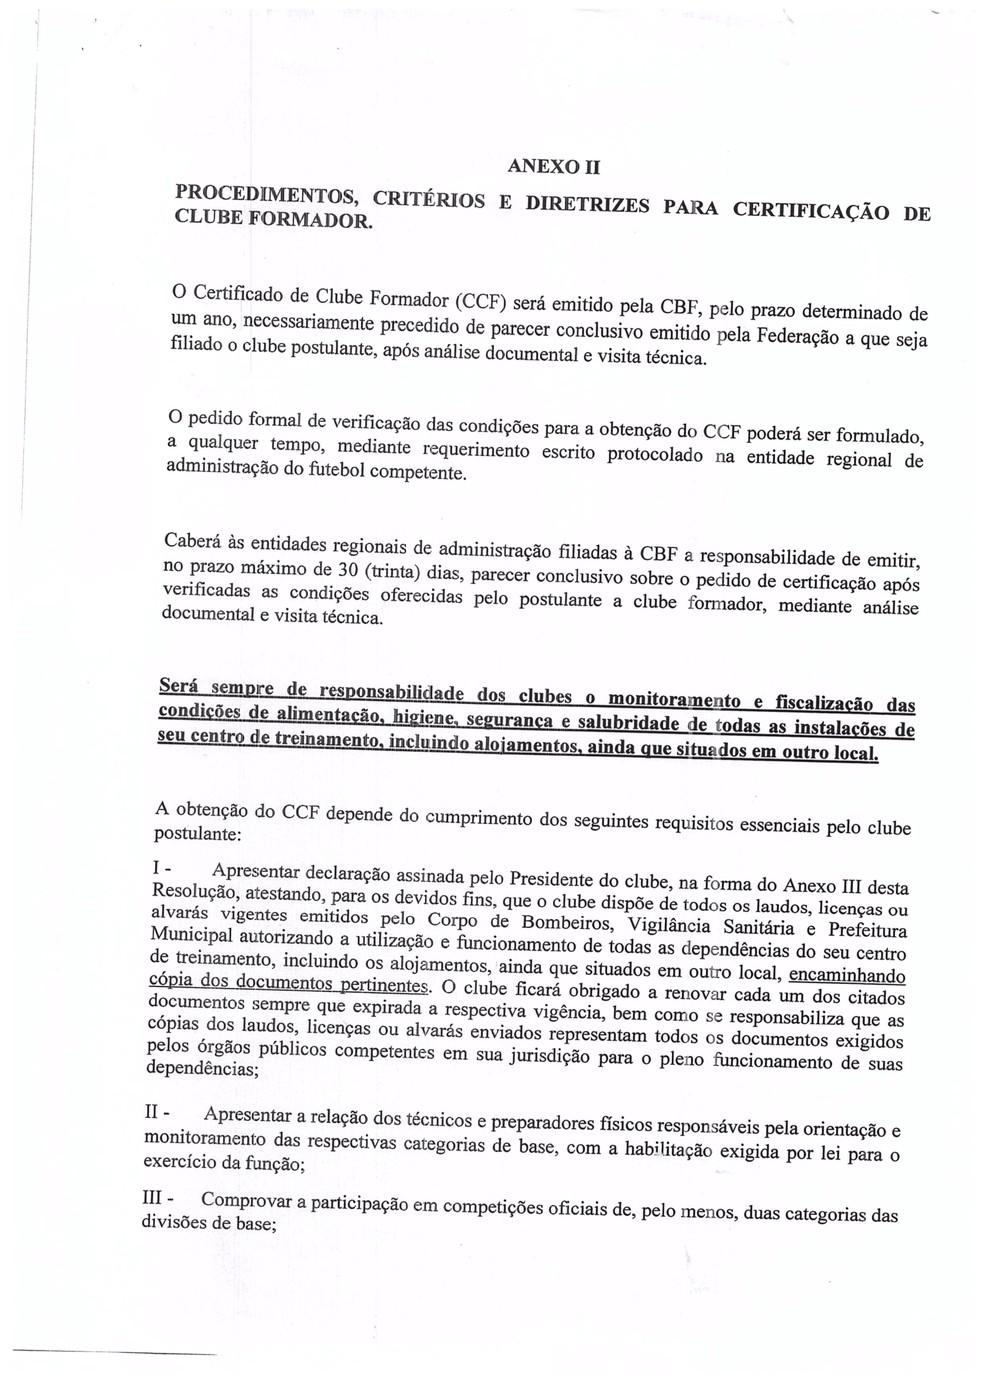 Documento CCF1 — Foto: Reprodução